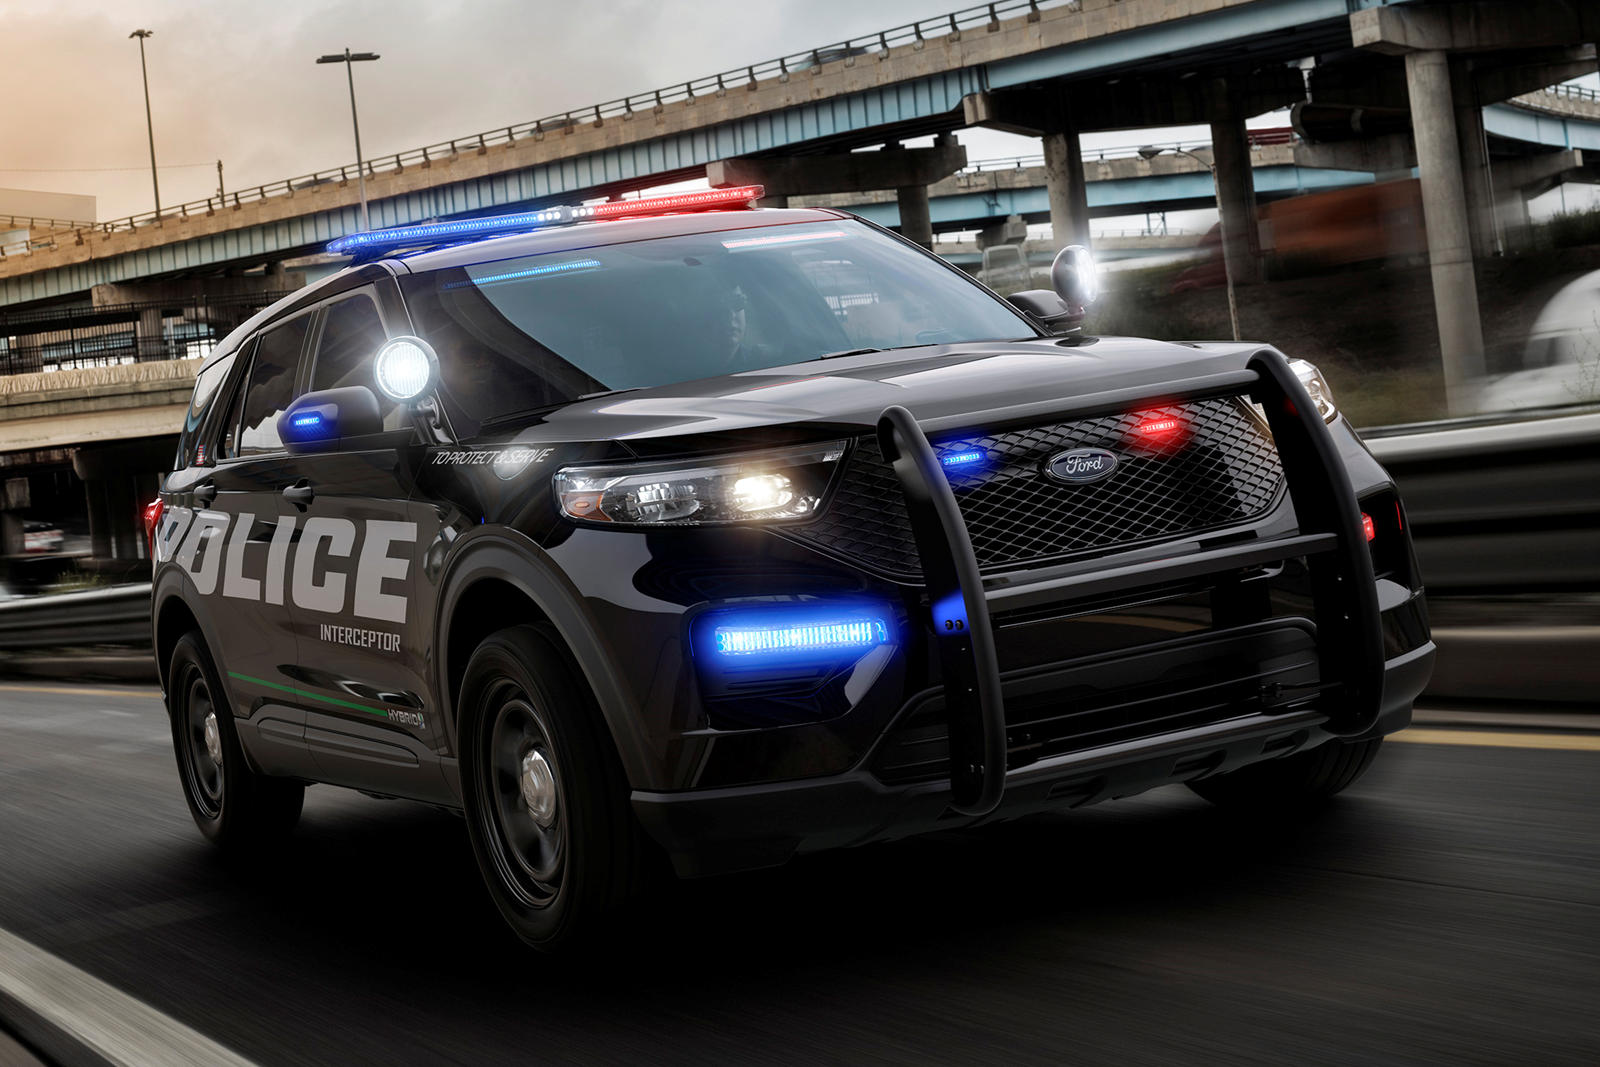 Американская компания Ford раскрыла новую генерацию полицейского Explorer